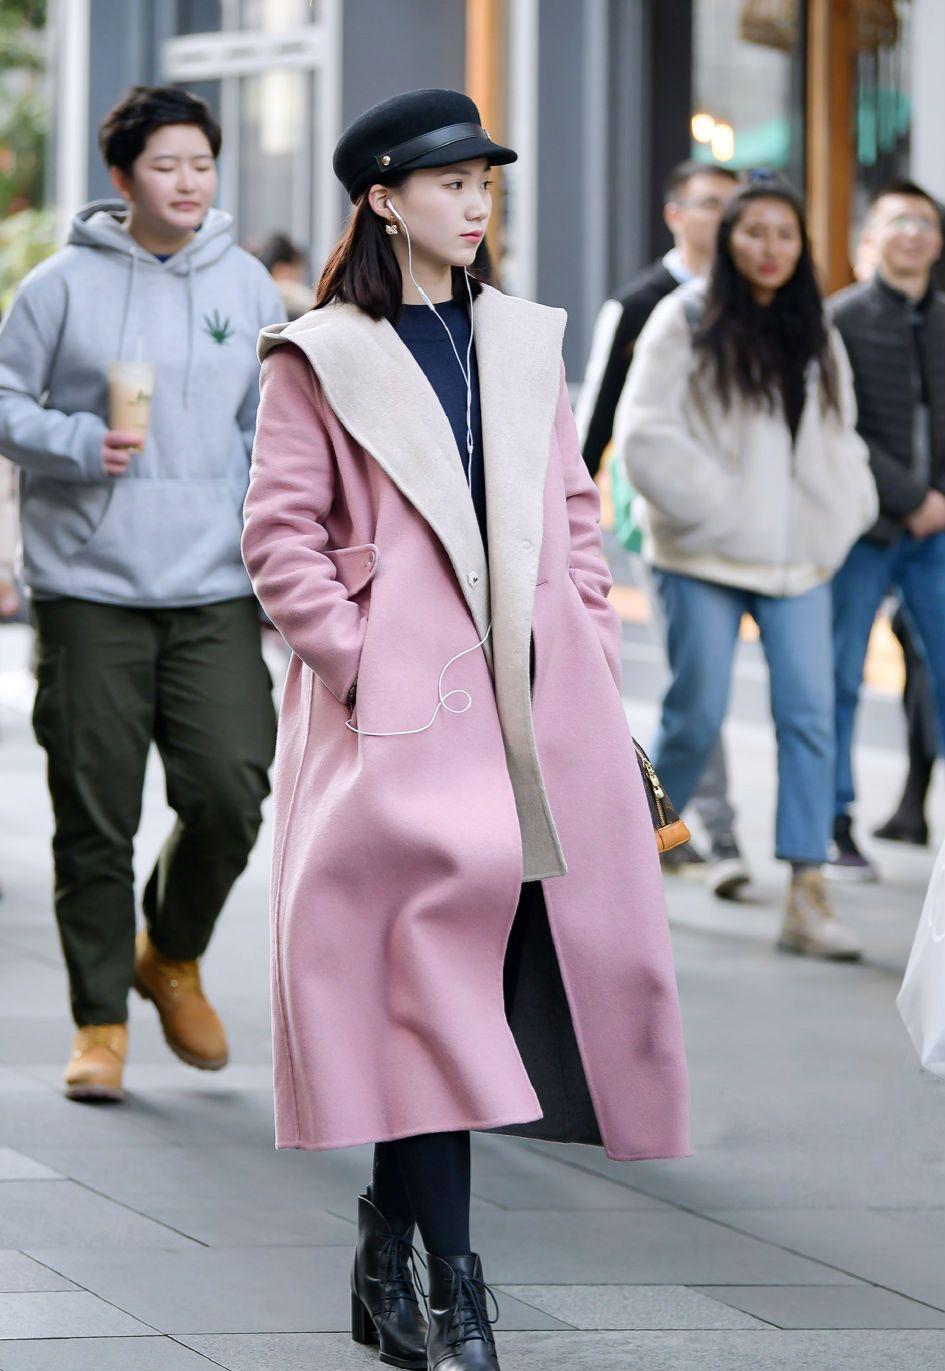 大衣很贴心,让你摆脱厚重感,秀出时尚大方的美